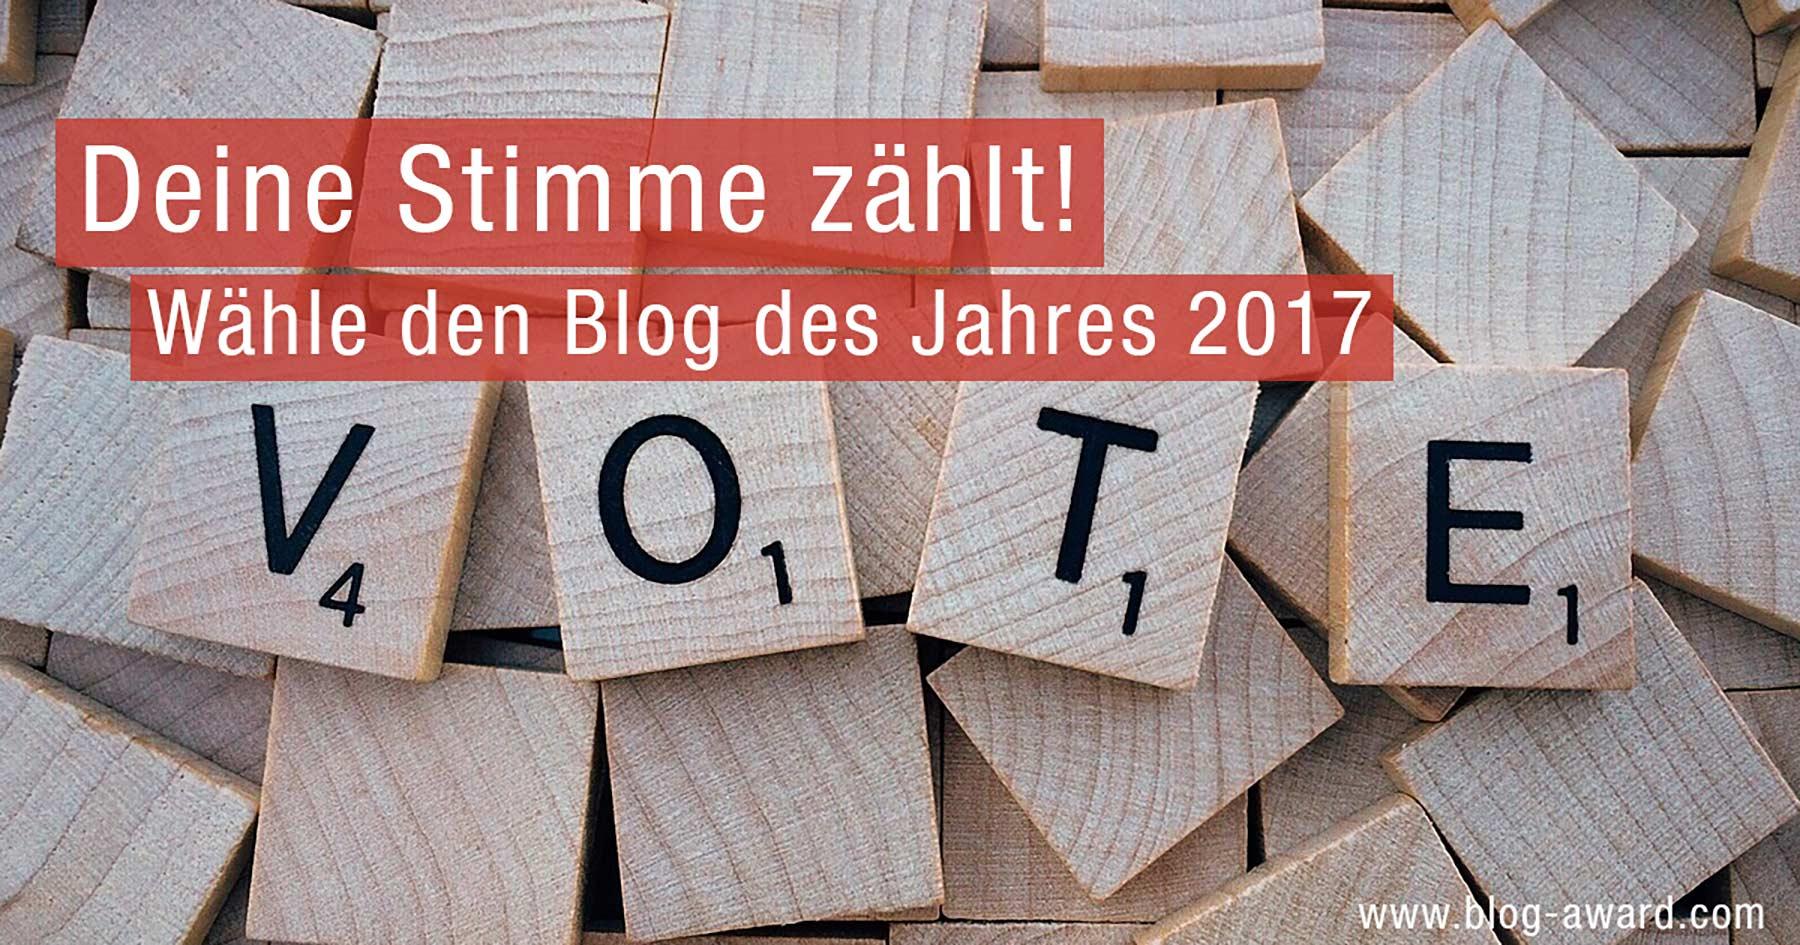 Votet für LangweileDich.net beim Blog Award 2017 Blog-Award-2017-Publikumsvoting_02